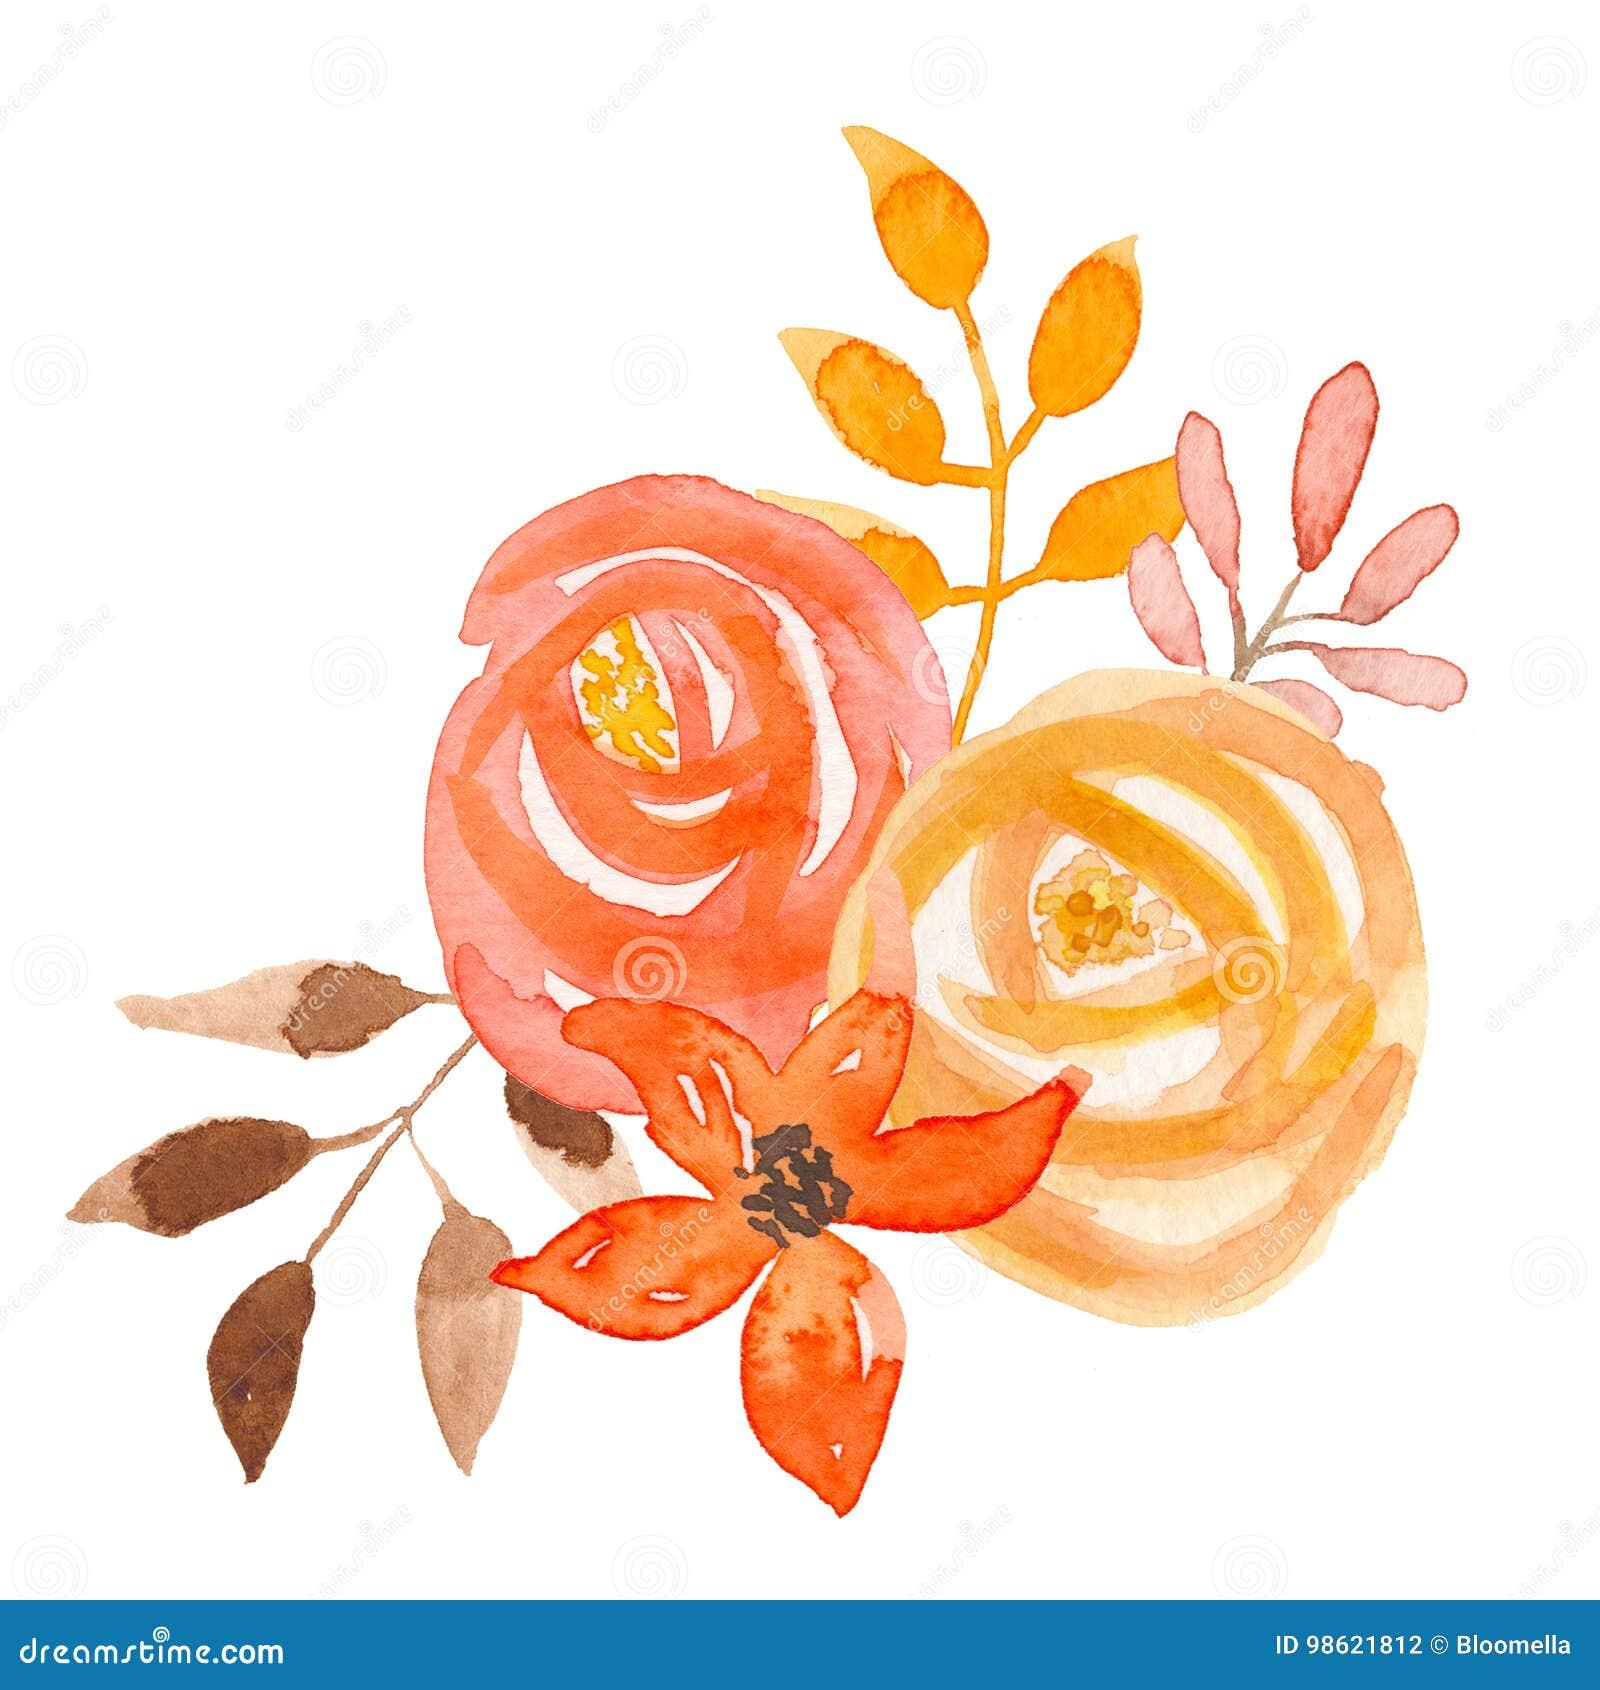 Aquarell Blumen Orange Autumn Bouquet Coral Garland Leaf Hochzeit